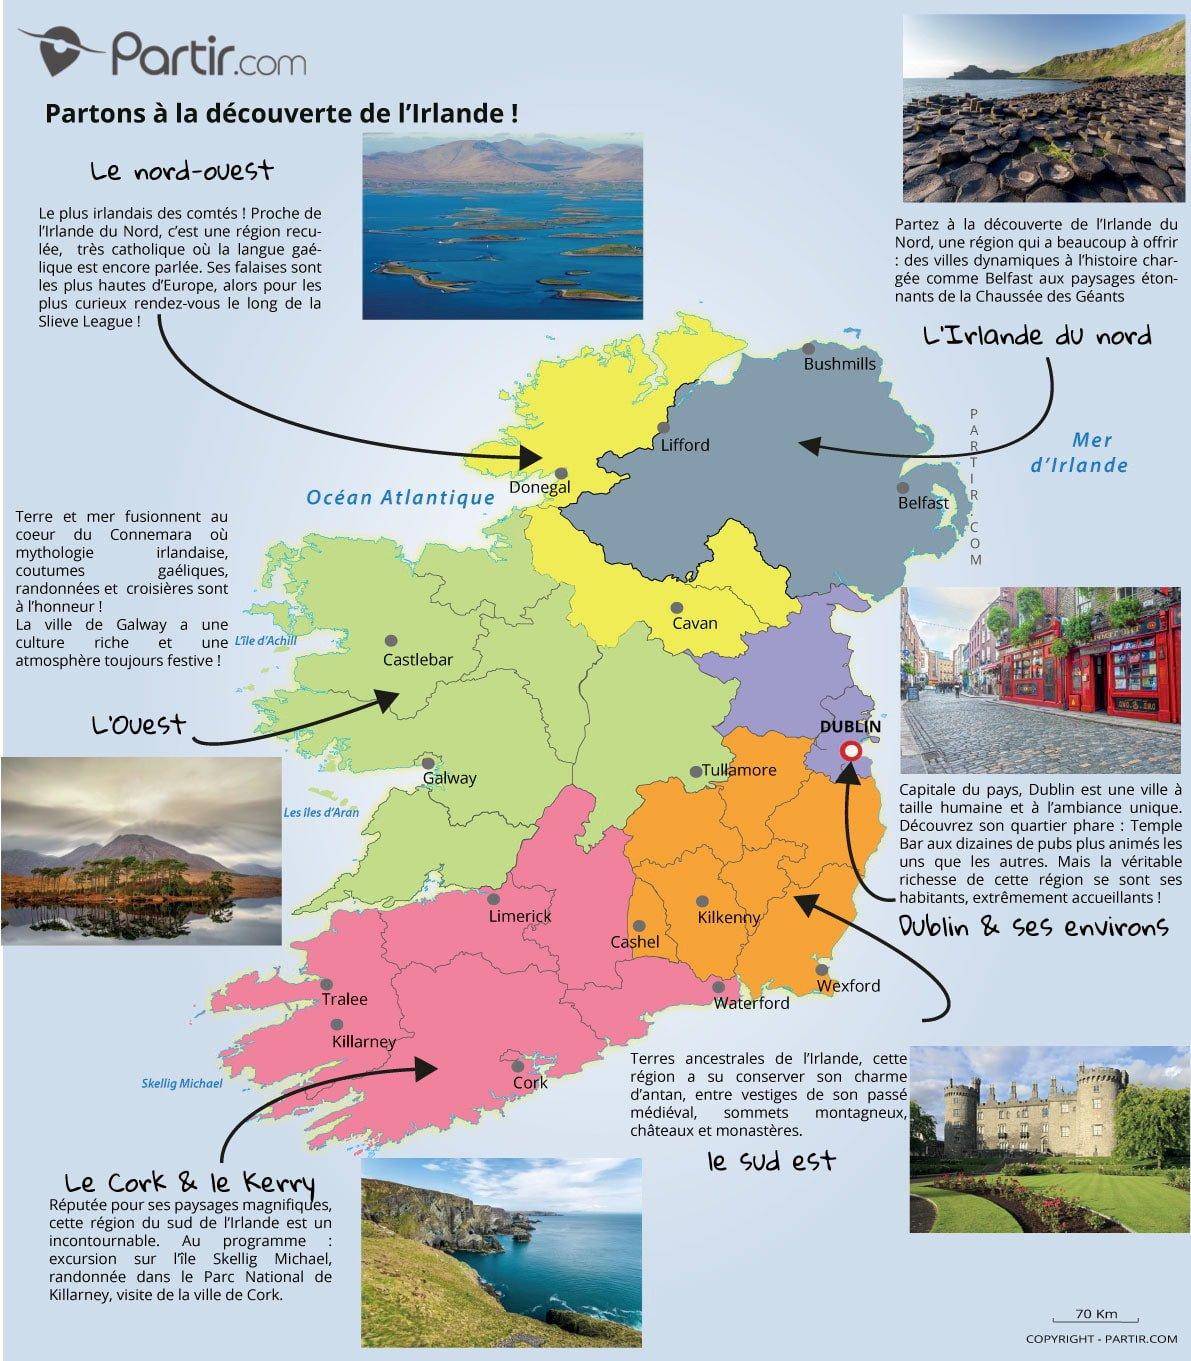 Quelle est la plus belle partie de l'Irlande ?